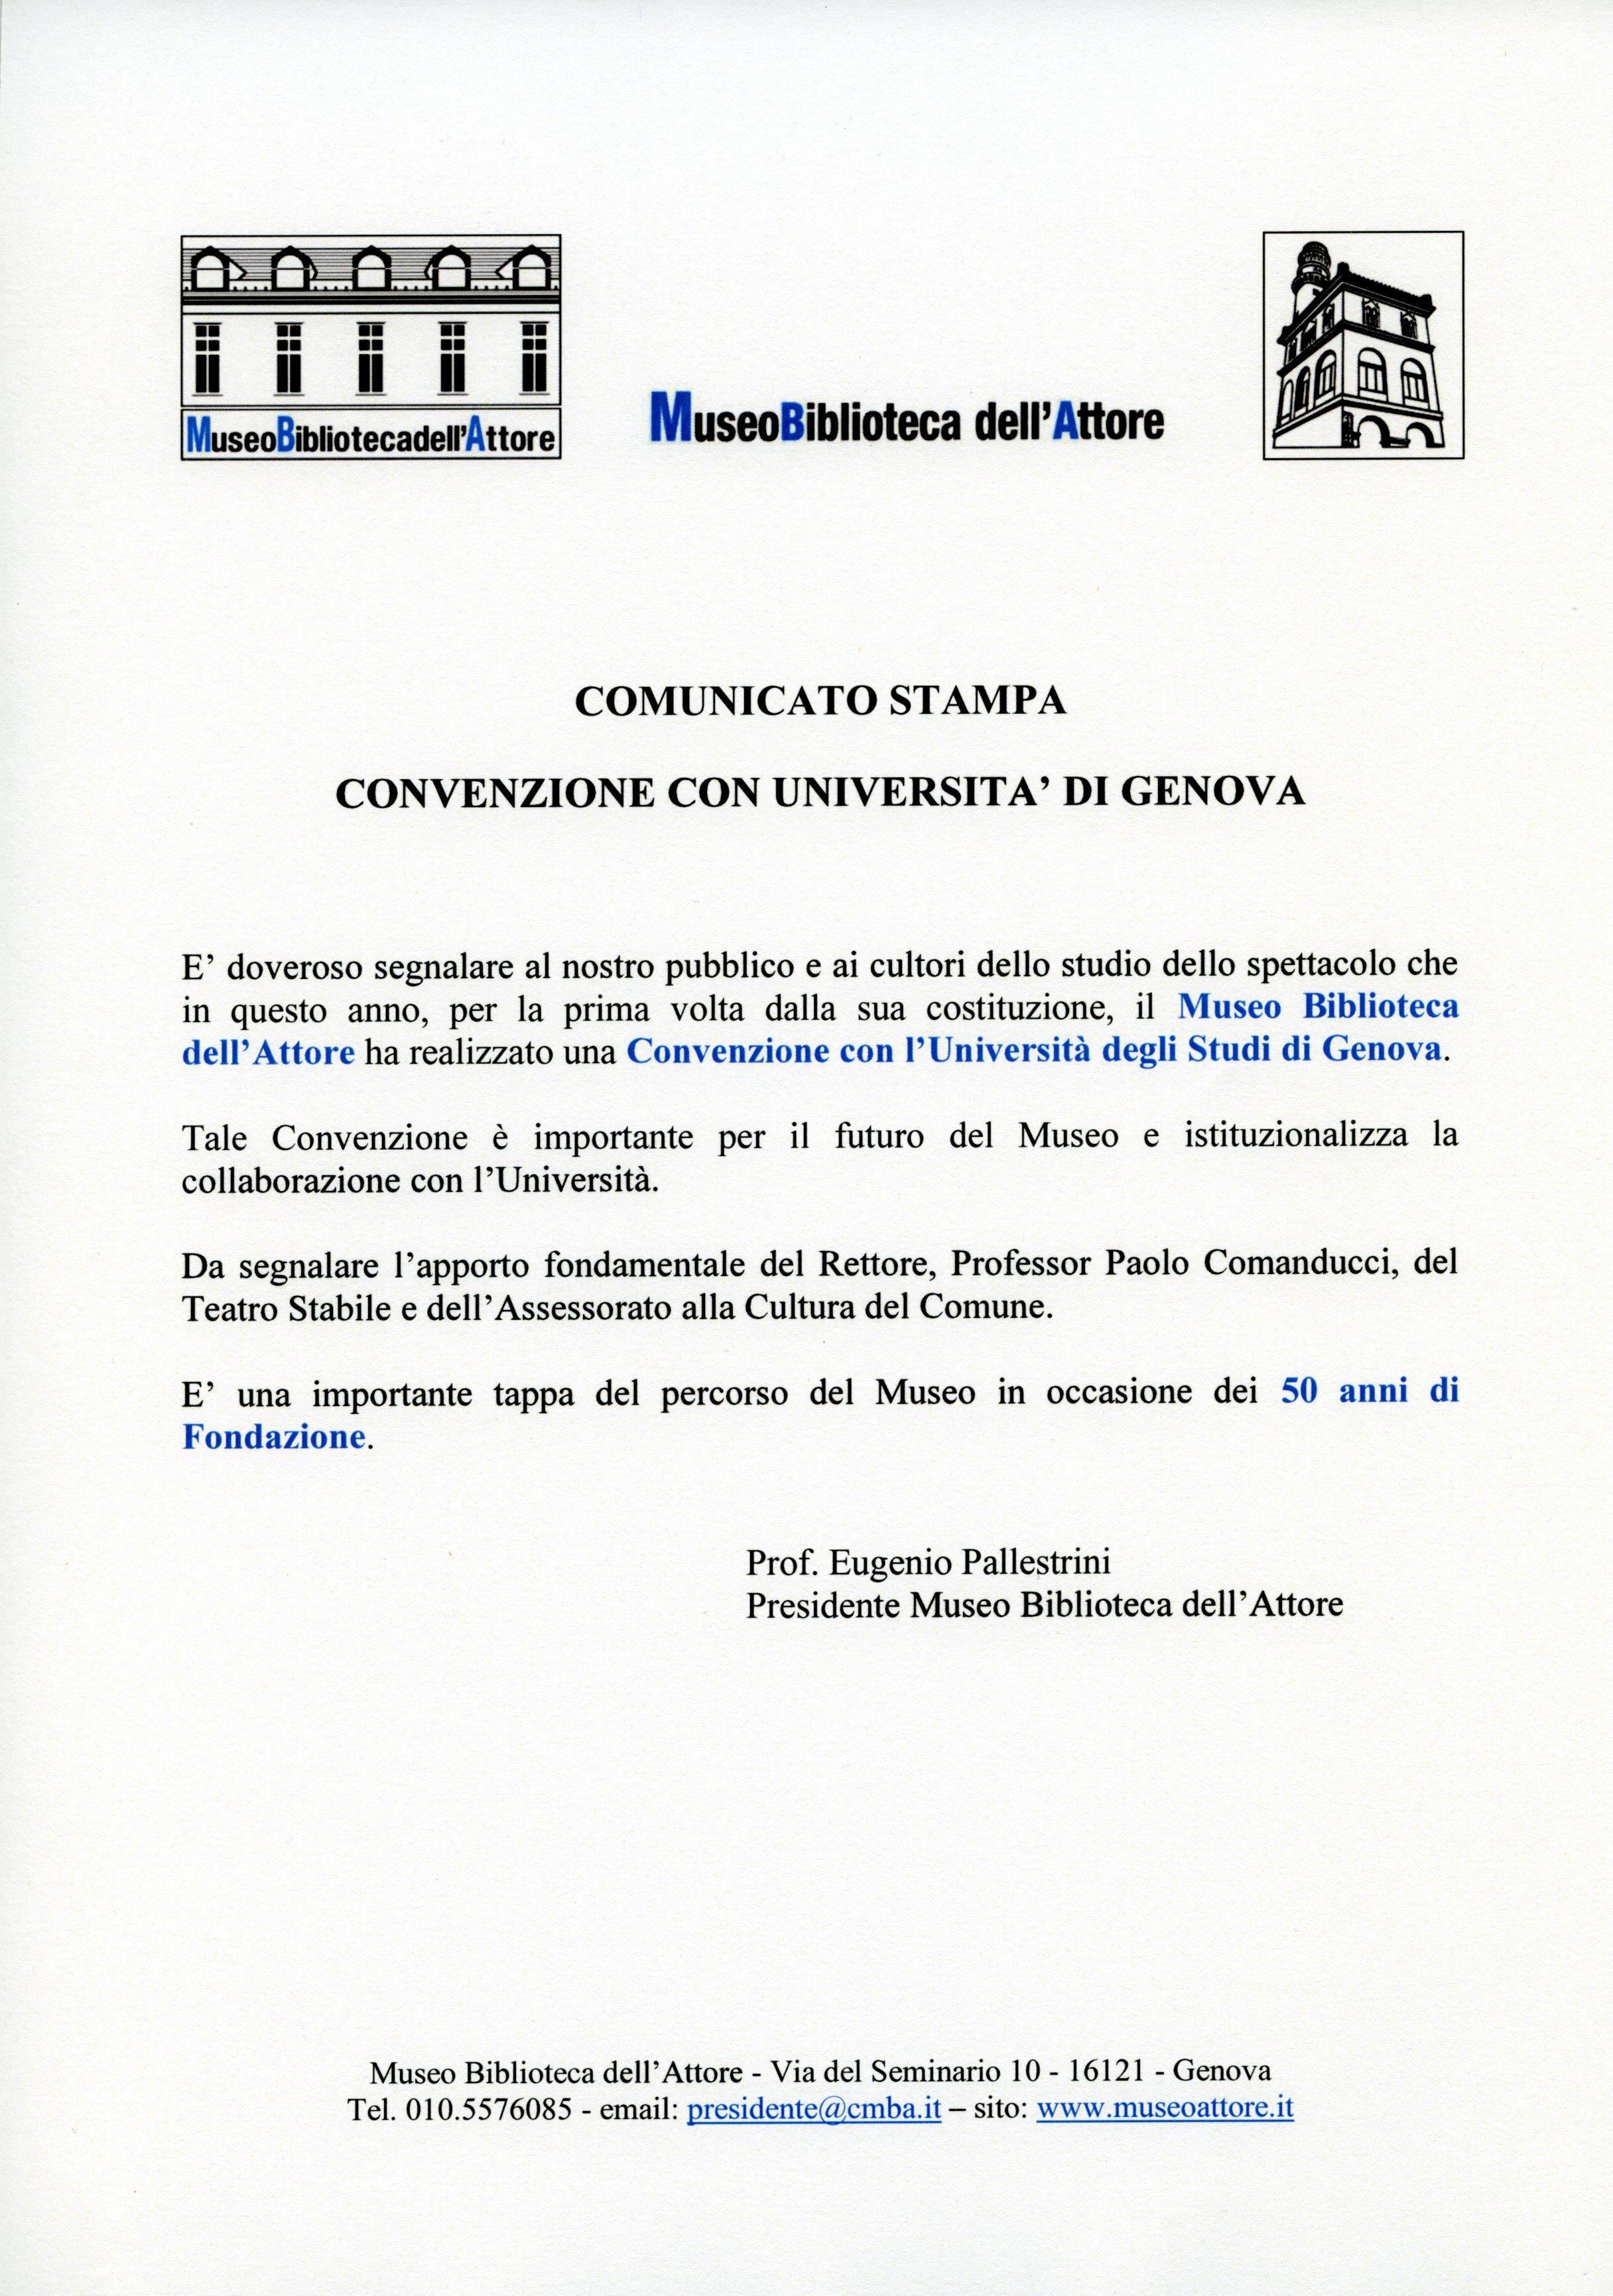 comunicato-stampa-convenzione